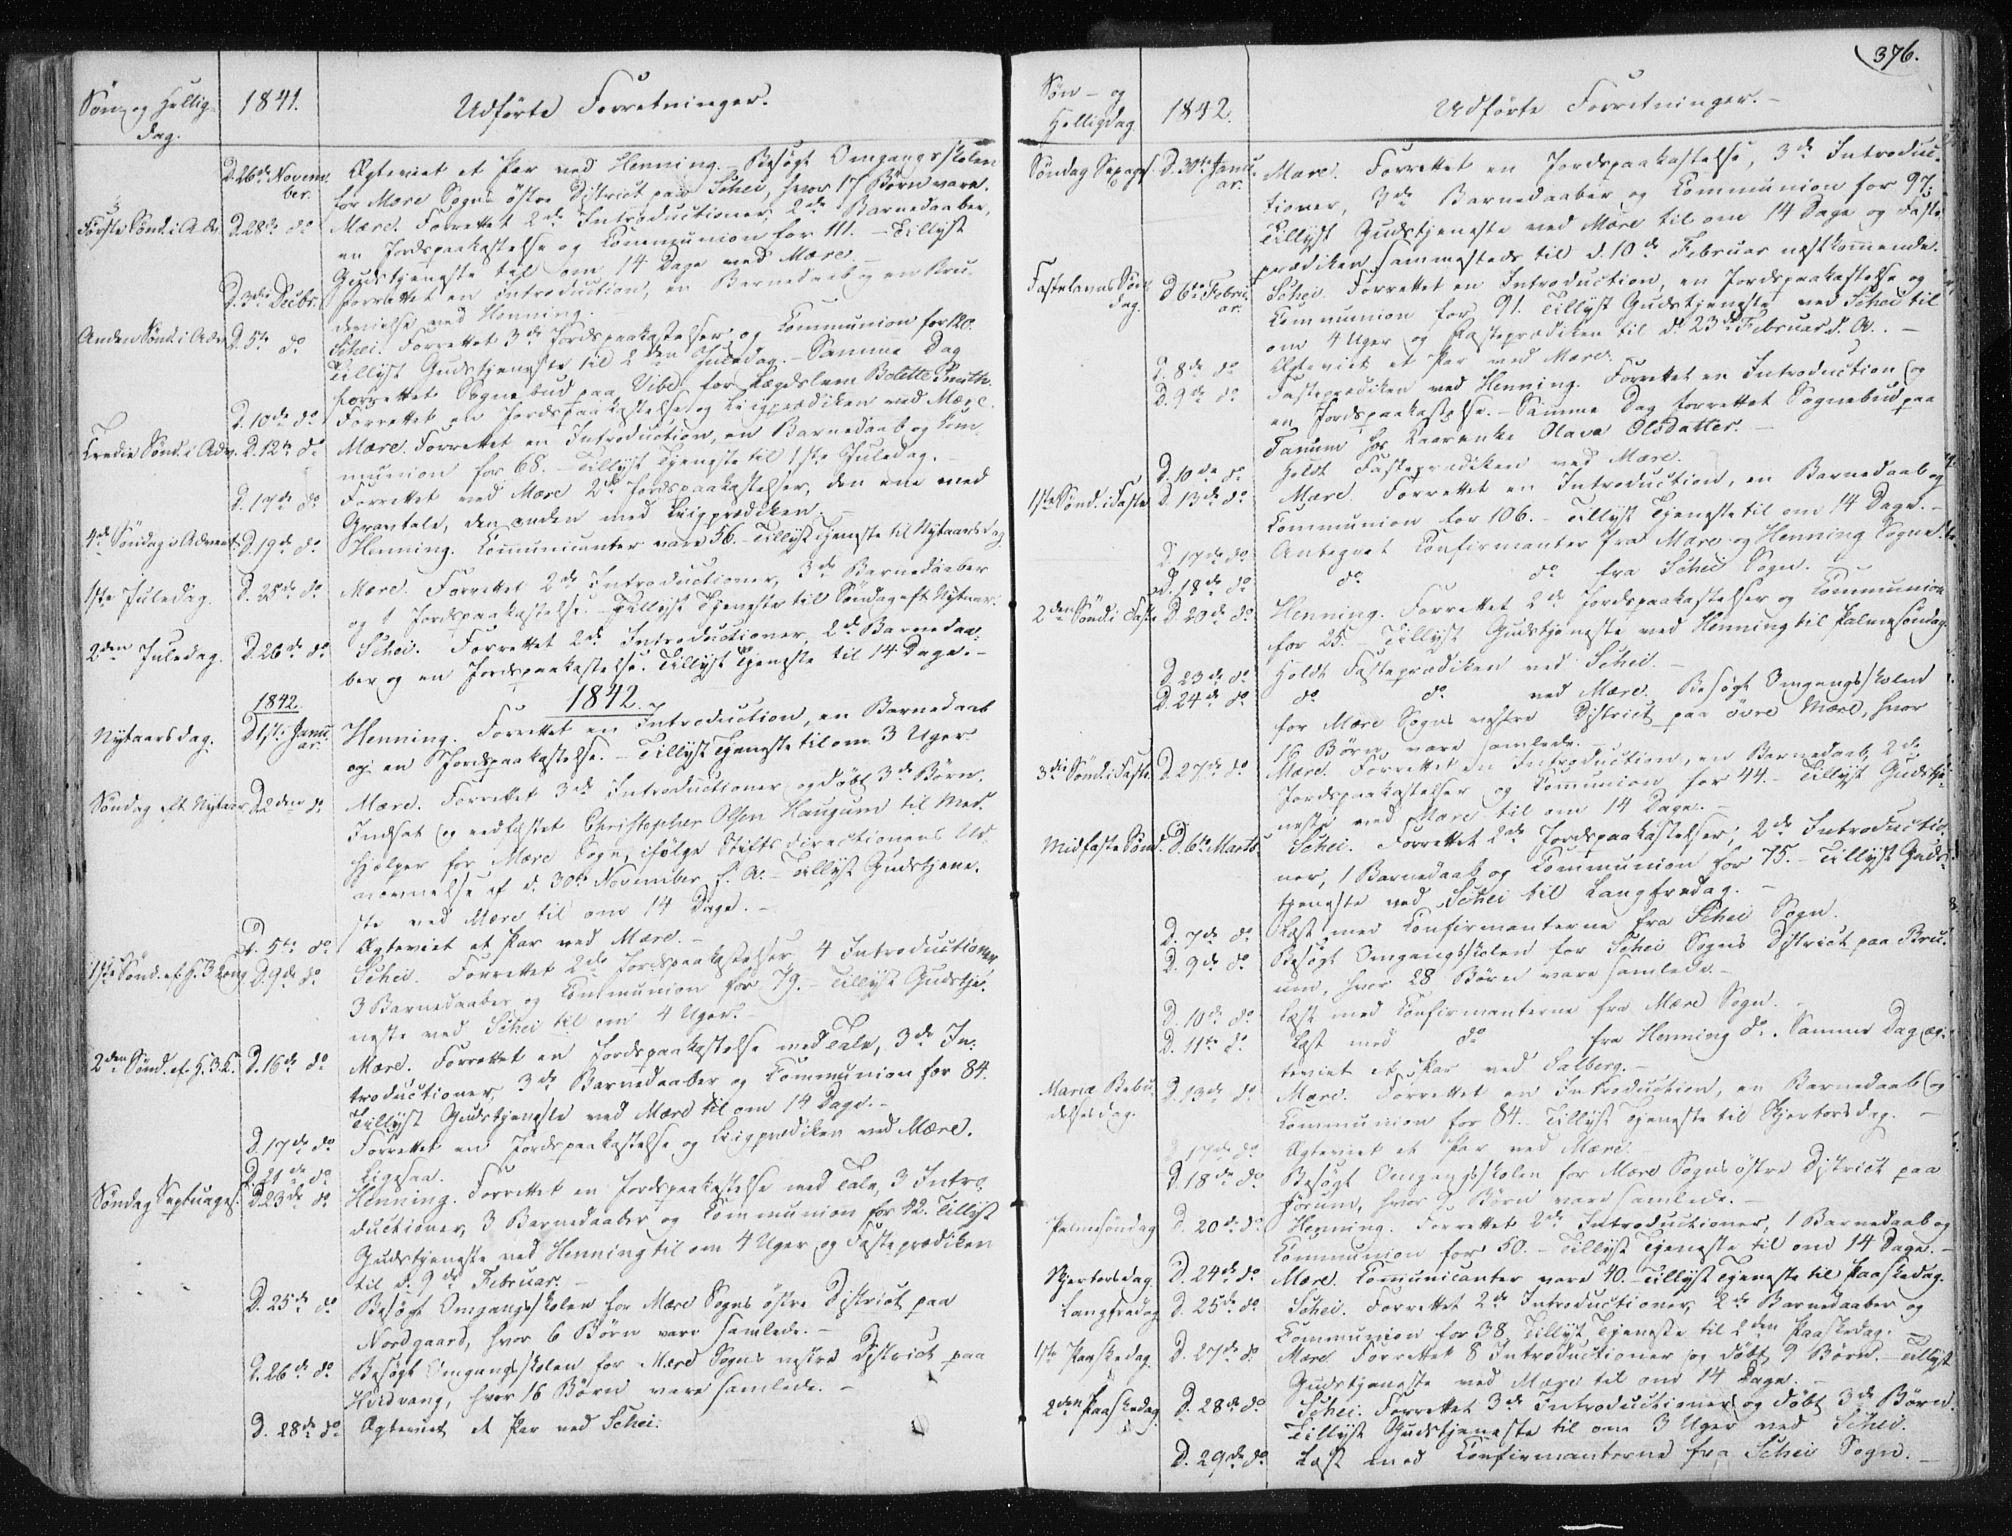 SAT, Ministerialprotokoller, klokkerbøker og fødselsregistre - Nord-Trøndelag, 735/L0339: Ministerialbok nr. 735A06 /1, 1836-1848, s. 376